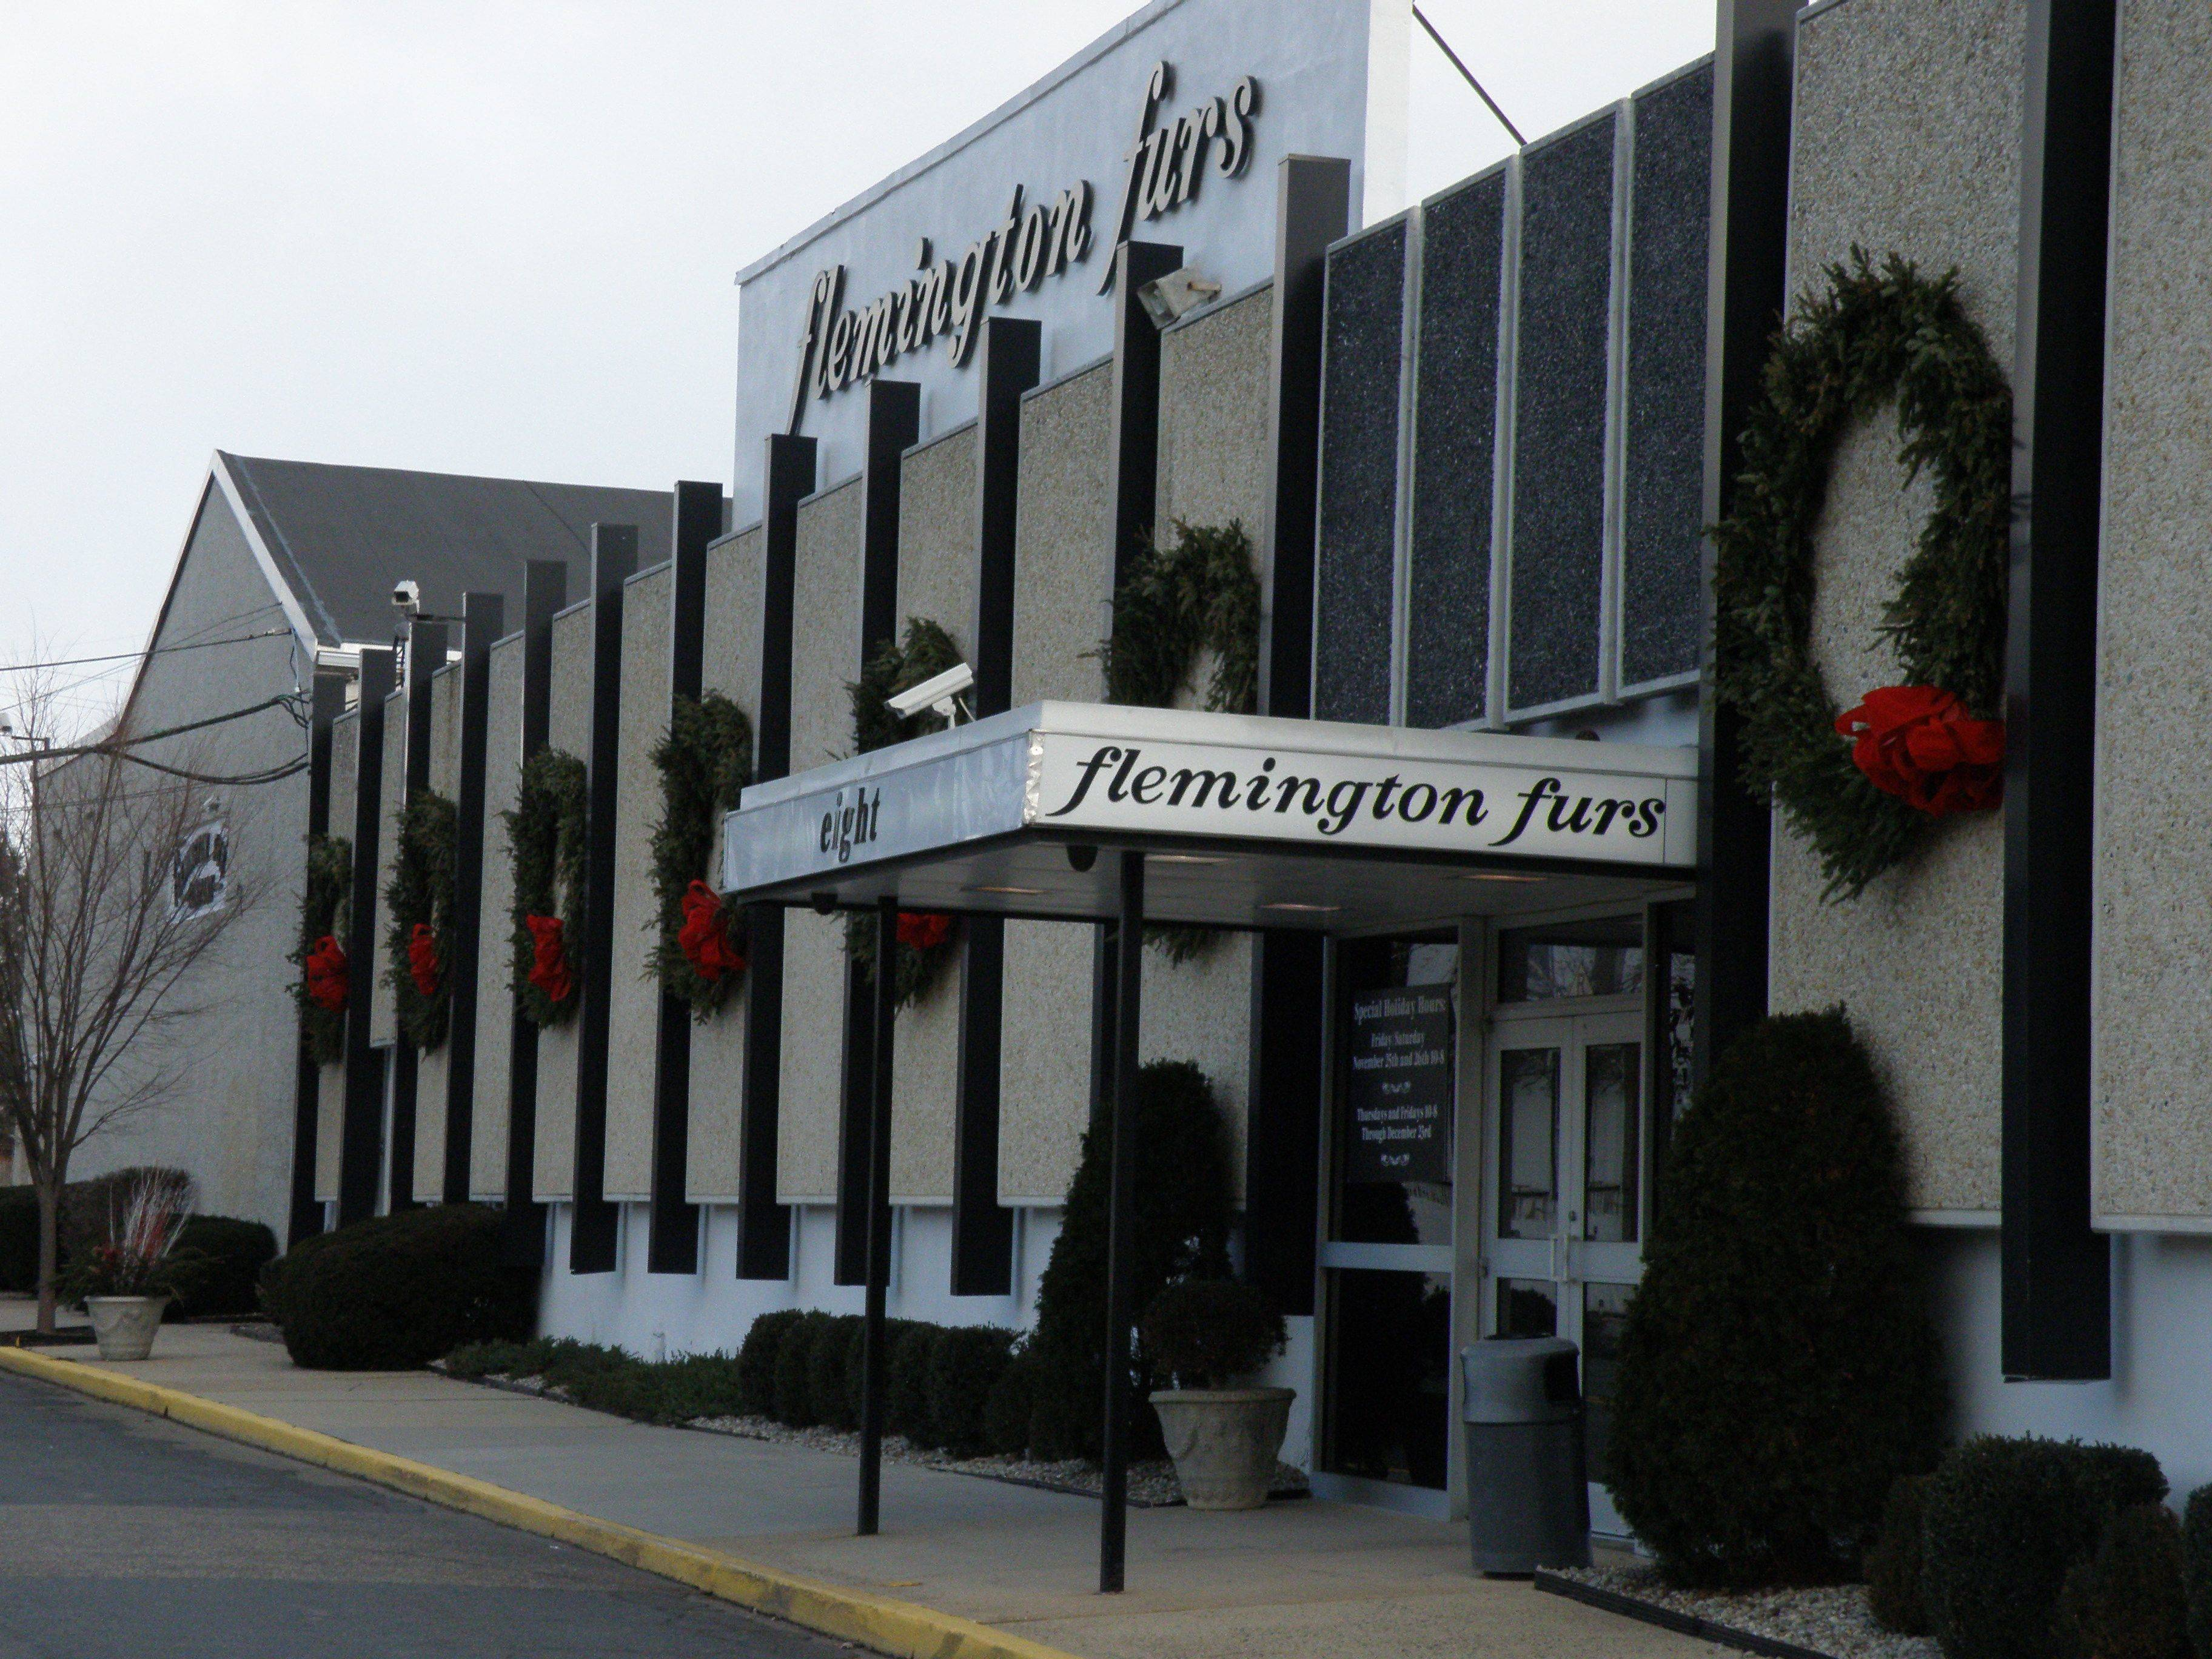 Union Hotel Plan is Target of Debate